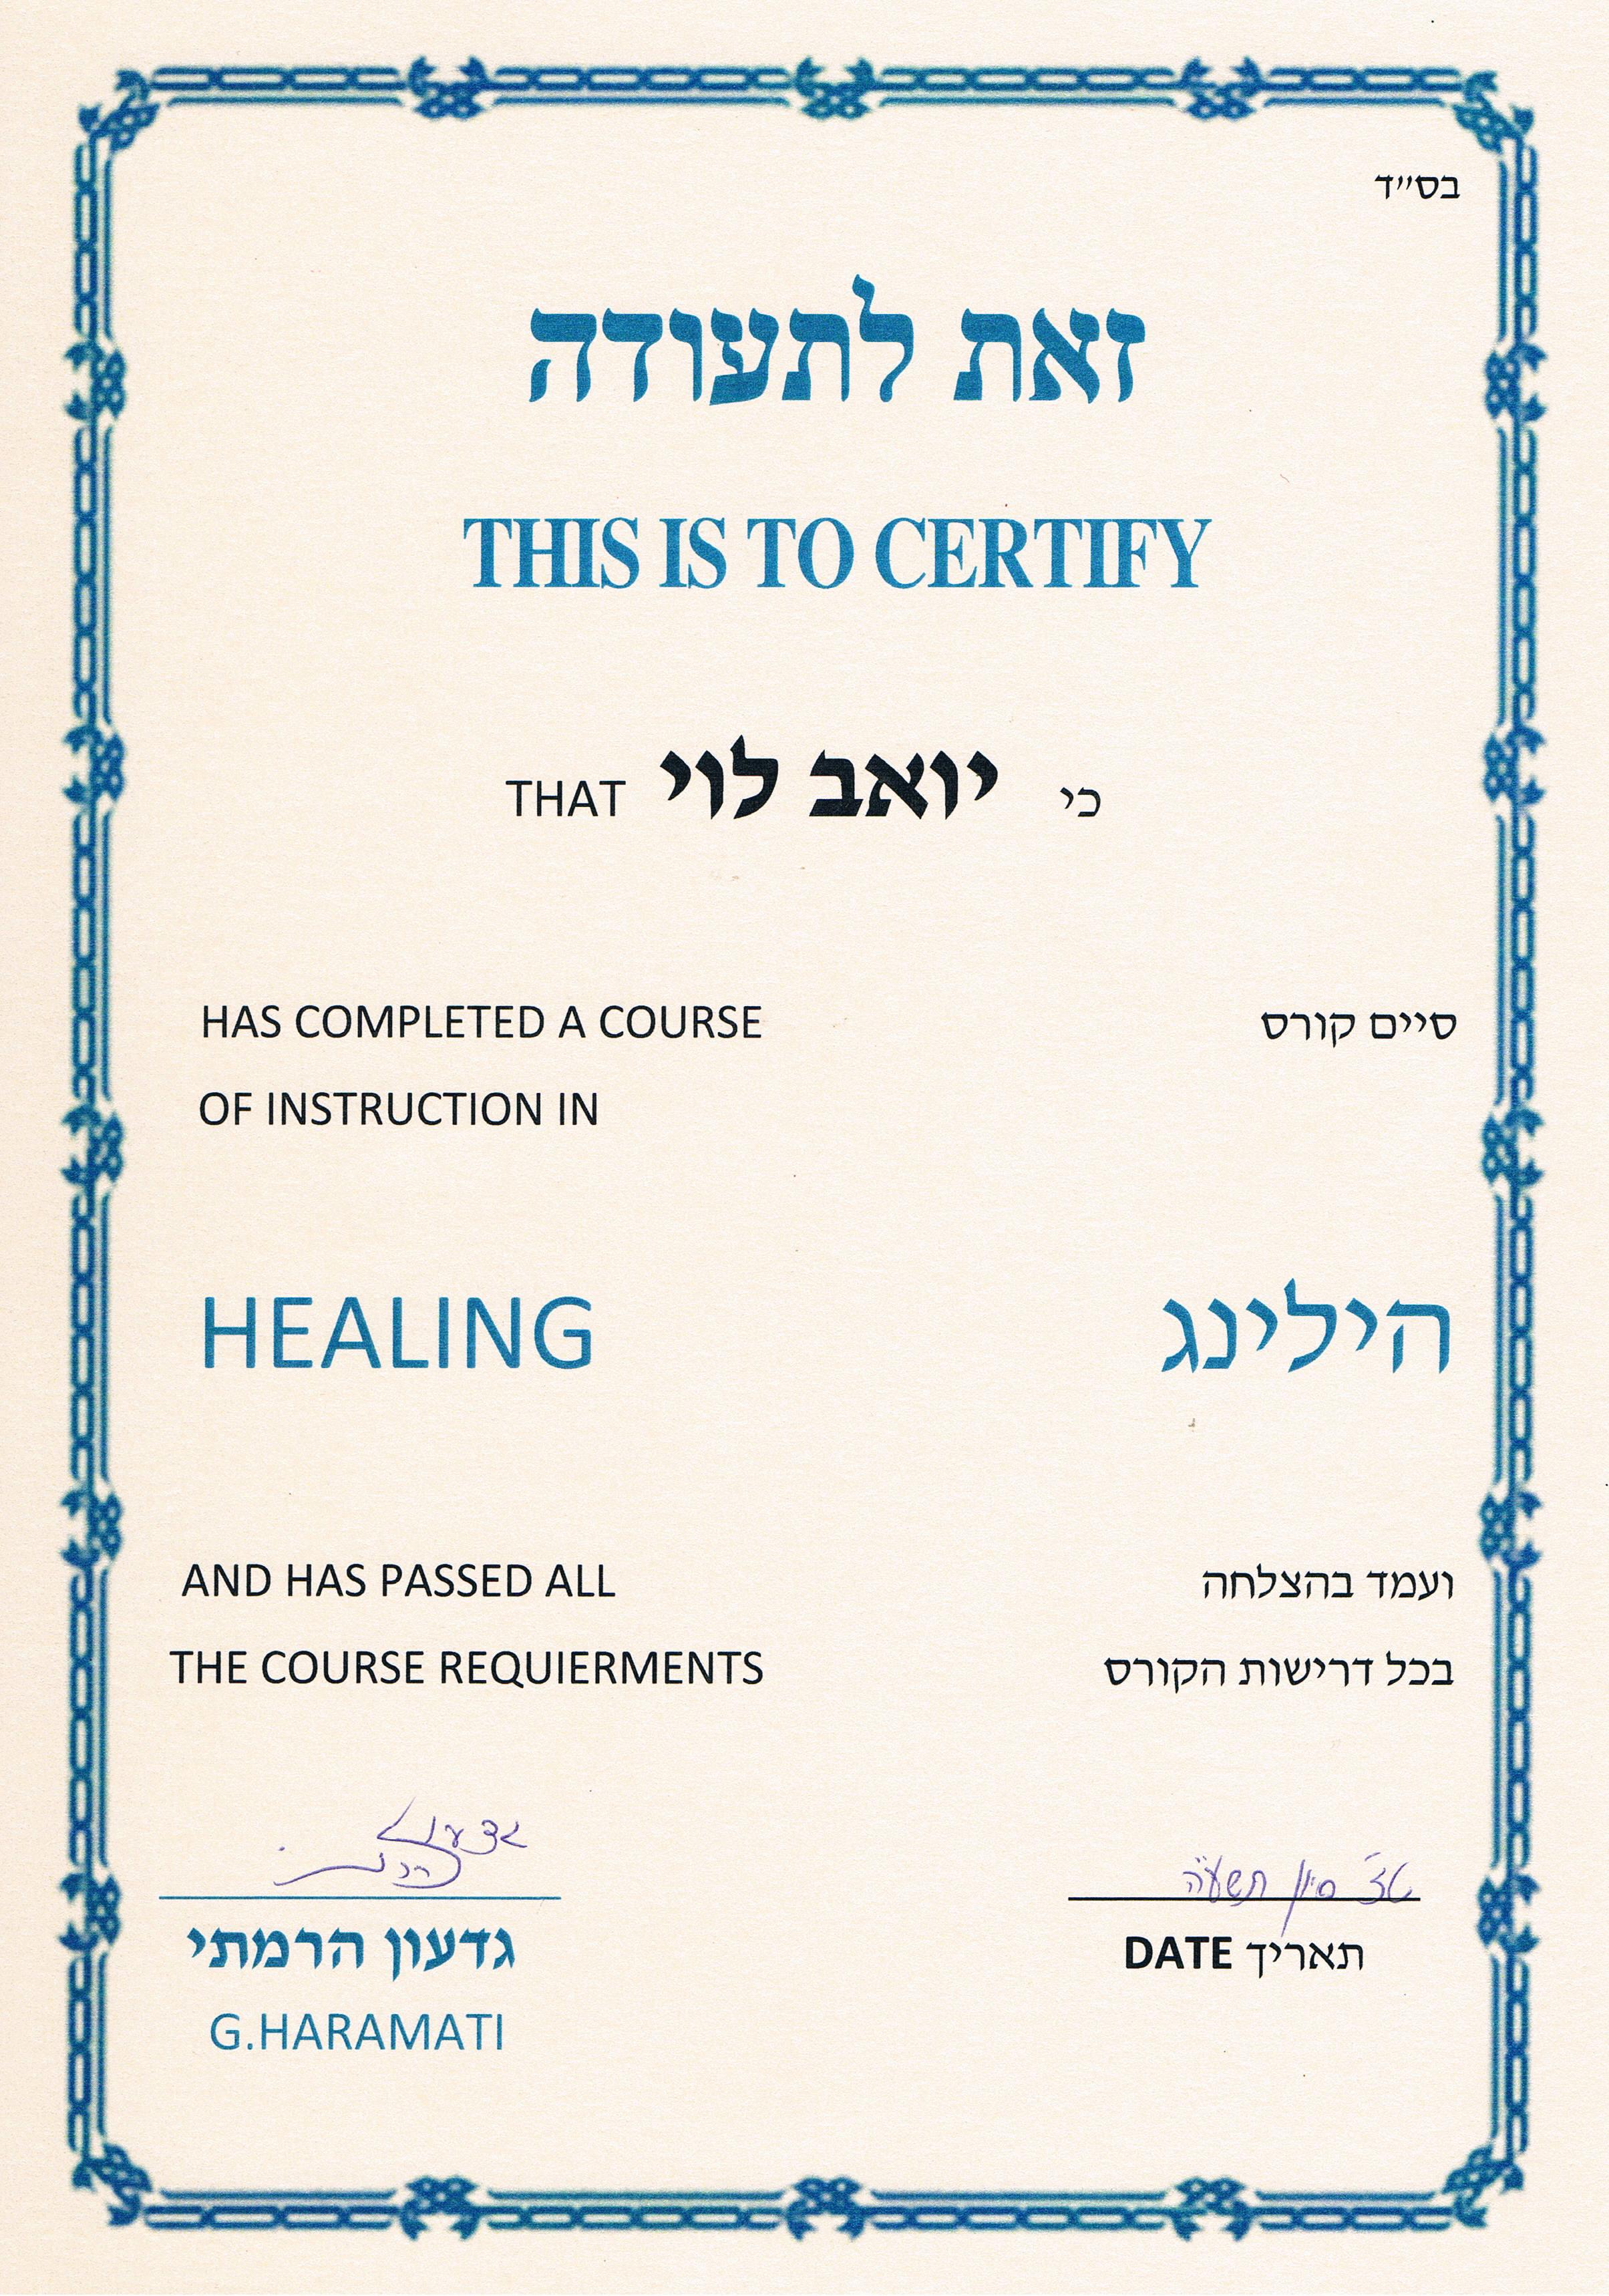 טיפול הילינג אנרגטי - יואב לוי